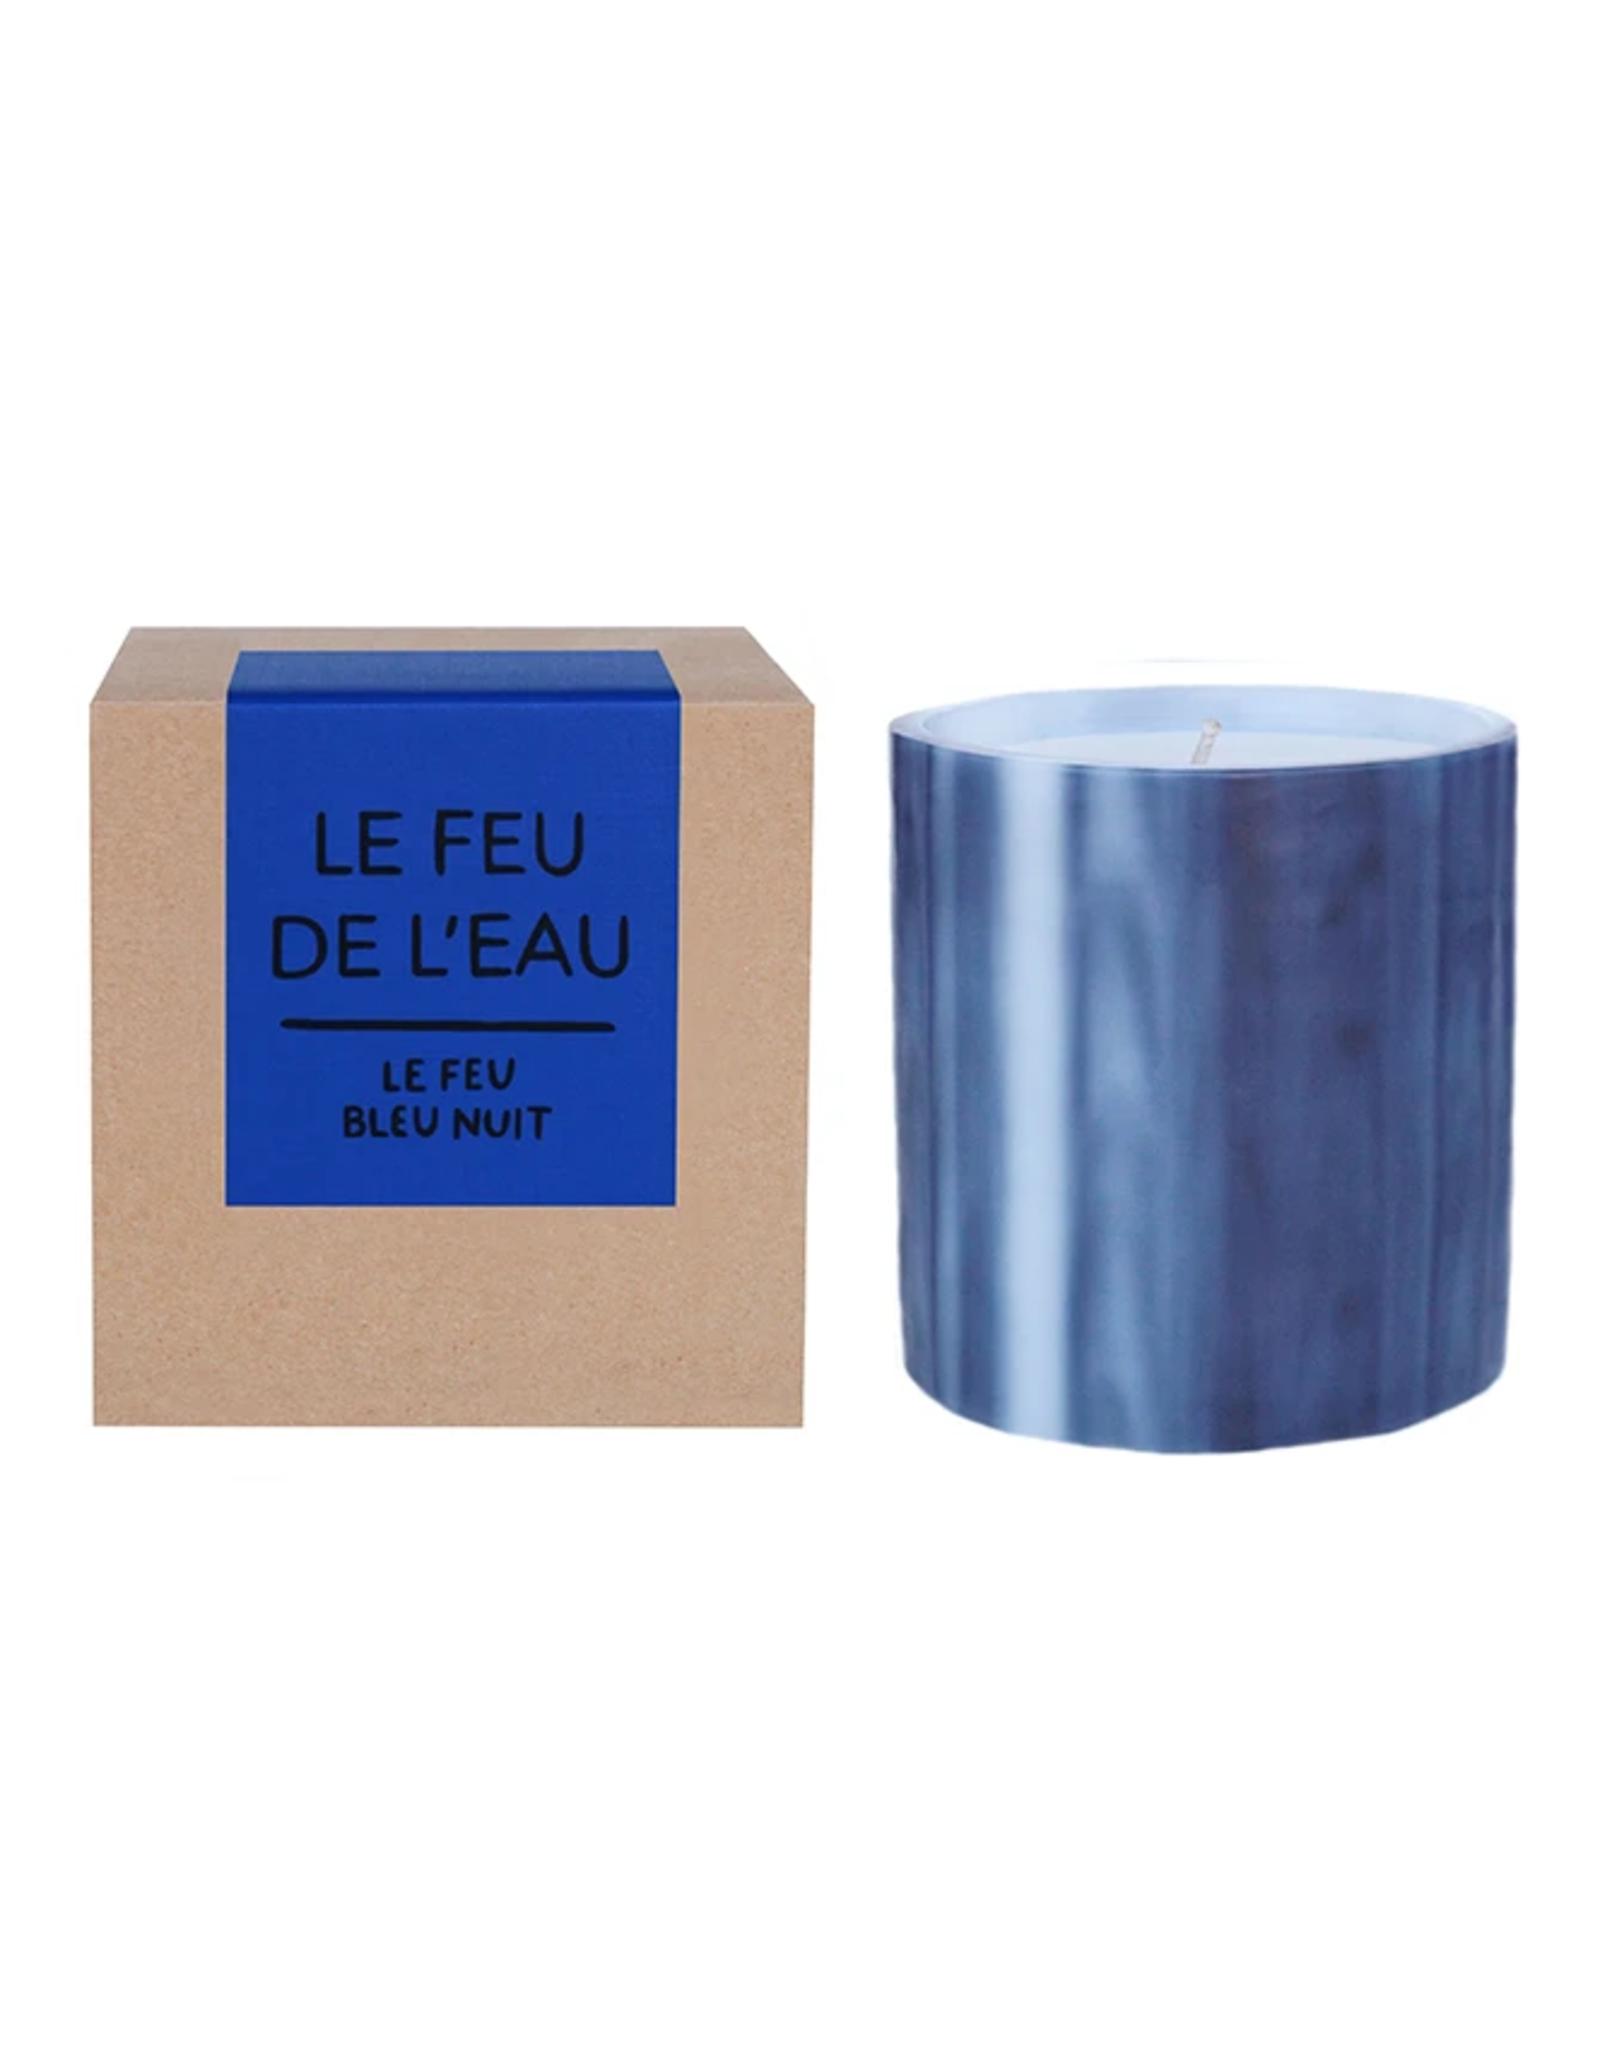 Le Feu De L'Eau Le Feu Bleu Nuit Candle